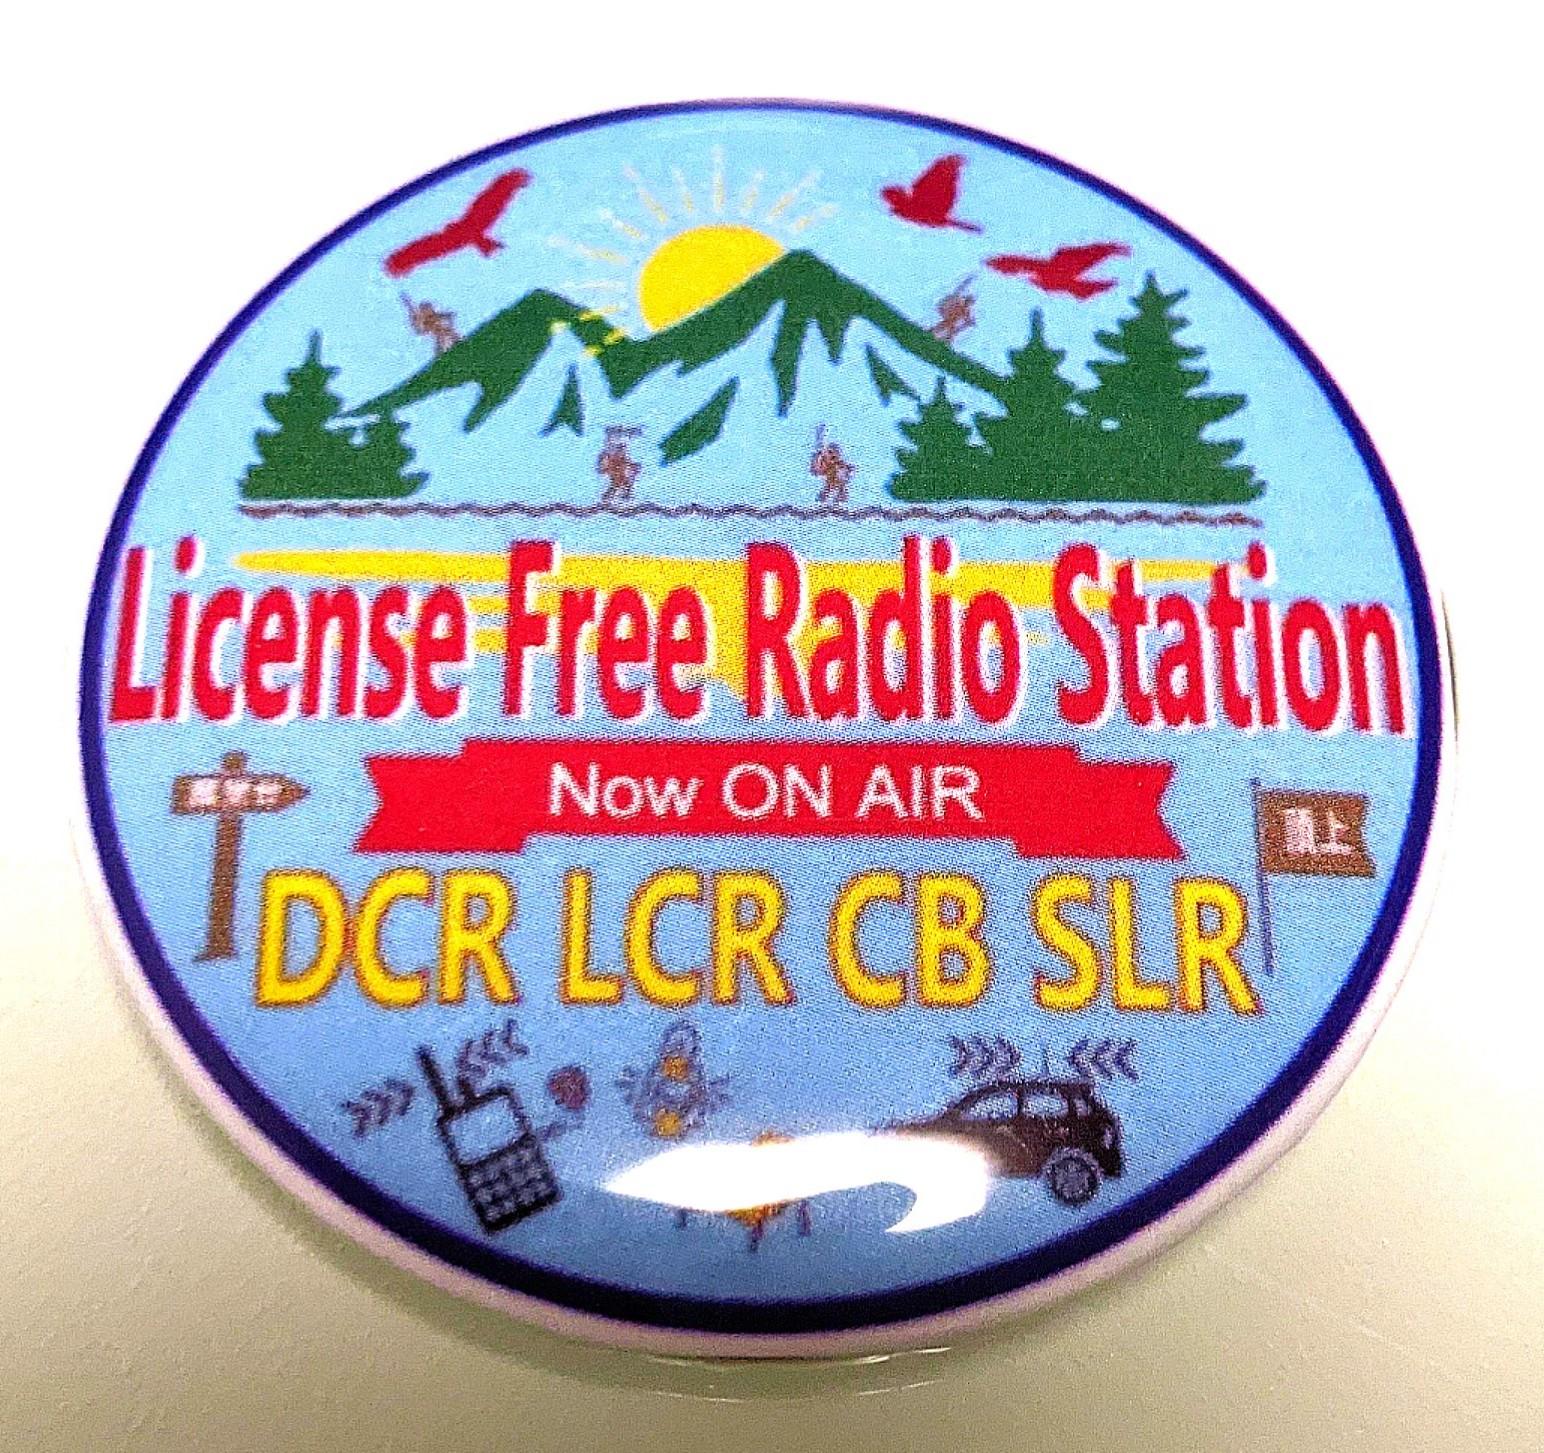 ライセンスフリーラジオ局 オリジナルバッジ オリジナル缶バッジ(56mm)